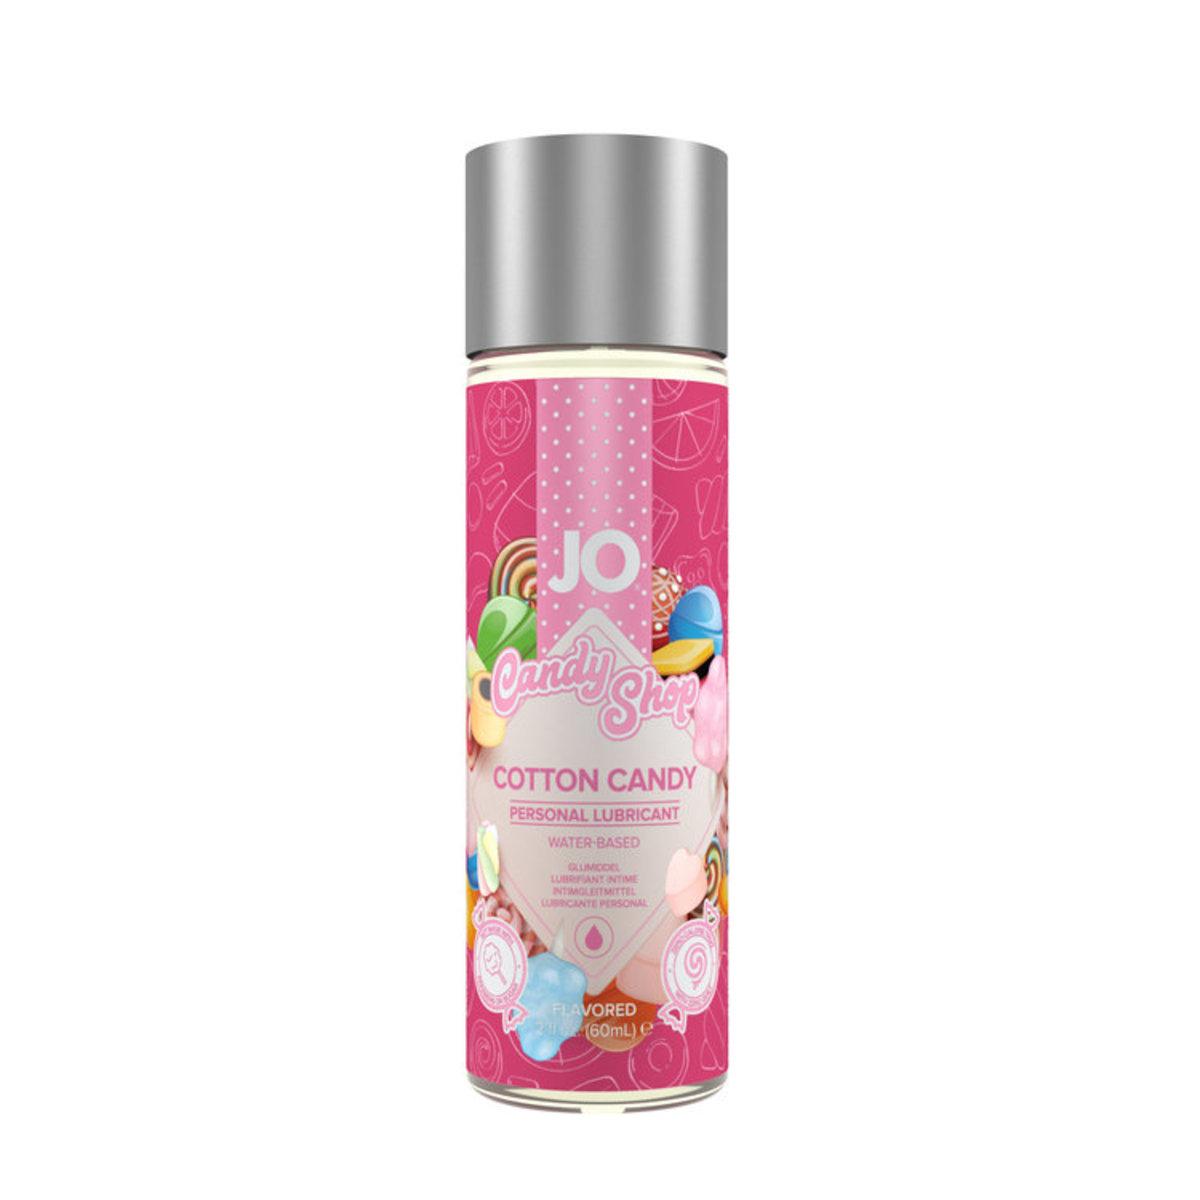 JO® H2O COTTON CANDY 棉花糖口味可食用潤滑劑 60ml